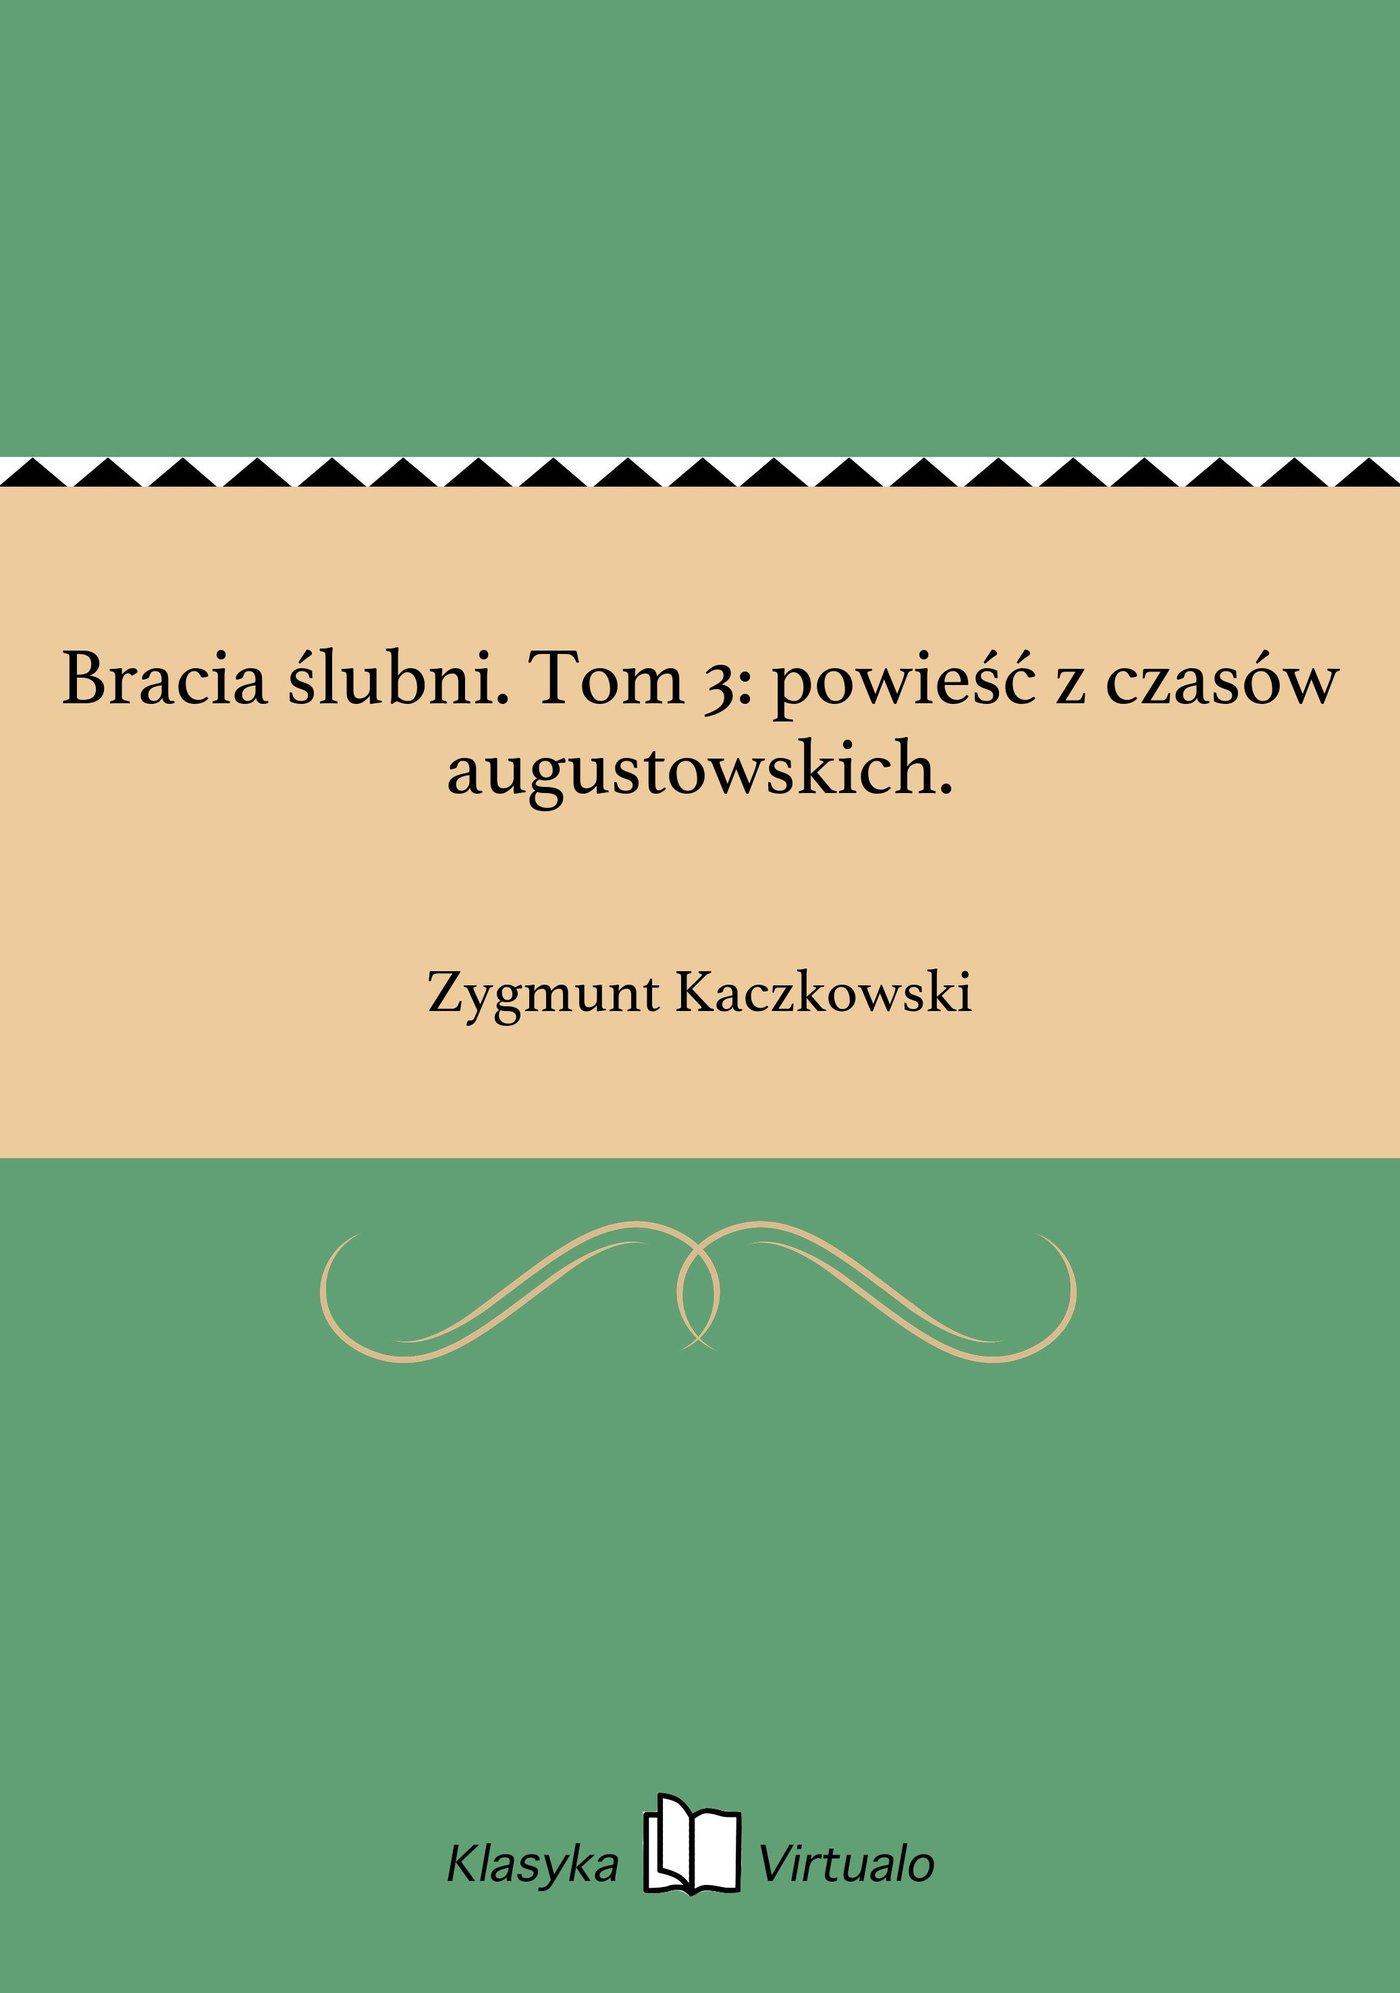 Bracia ślubni. Tom 3: powieść z czasów augustowskich. - Ebook (Książka EPUB) do pobrania w formacie EPUB